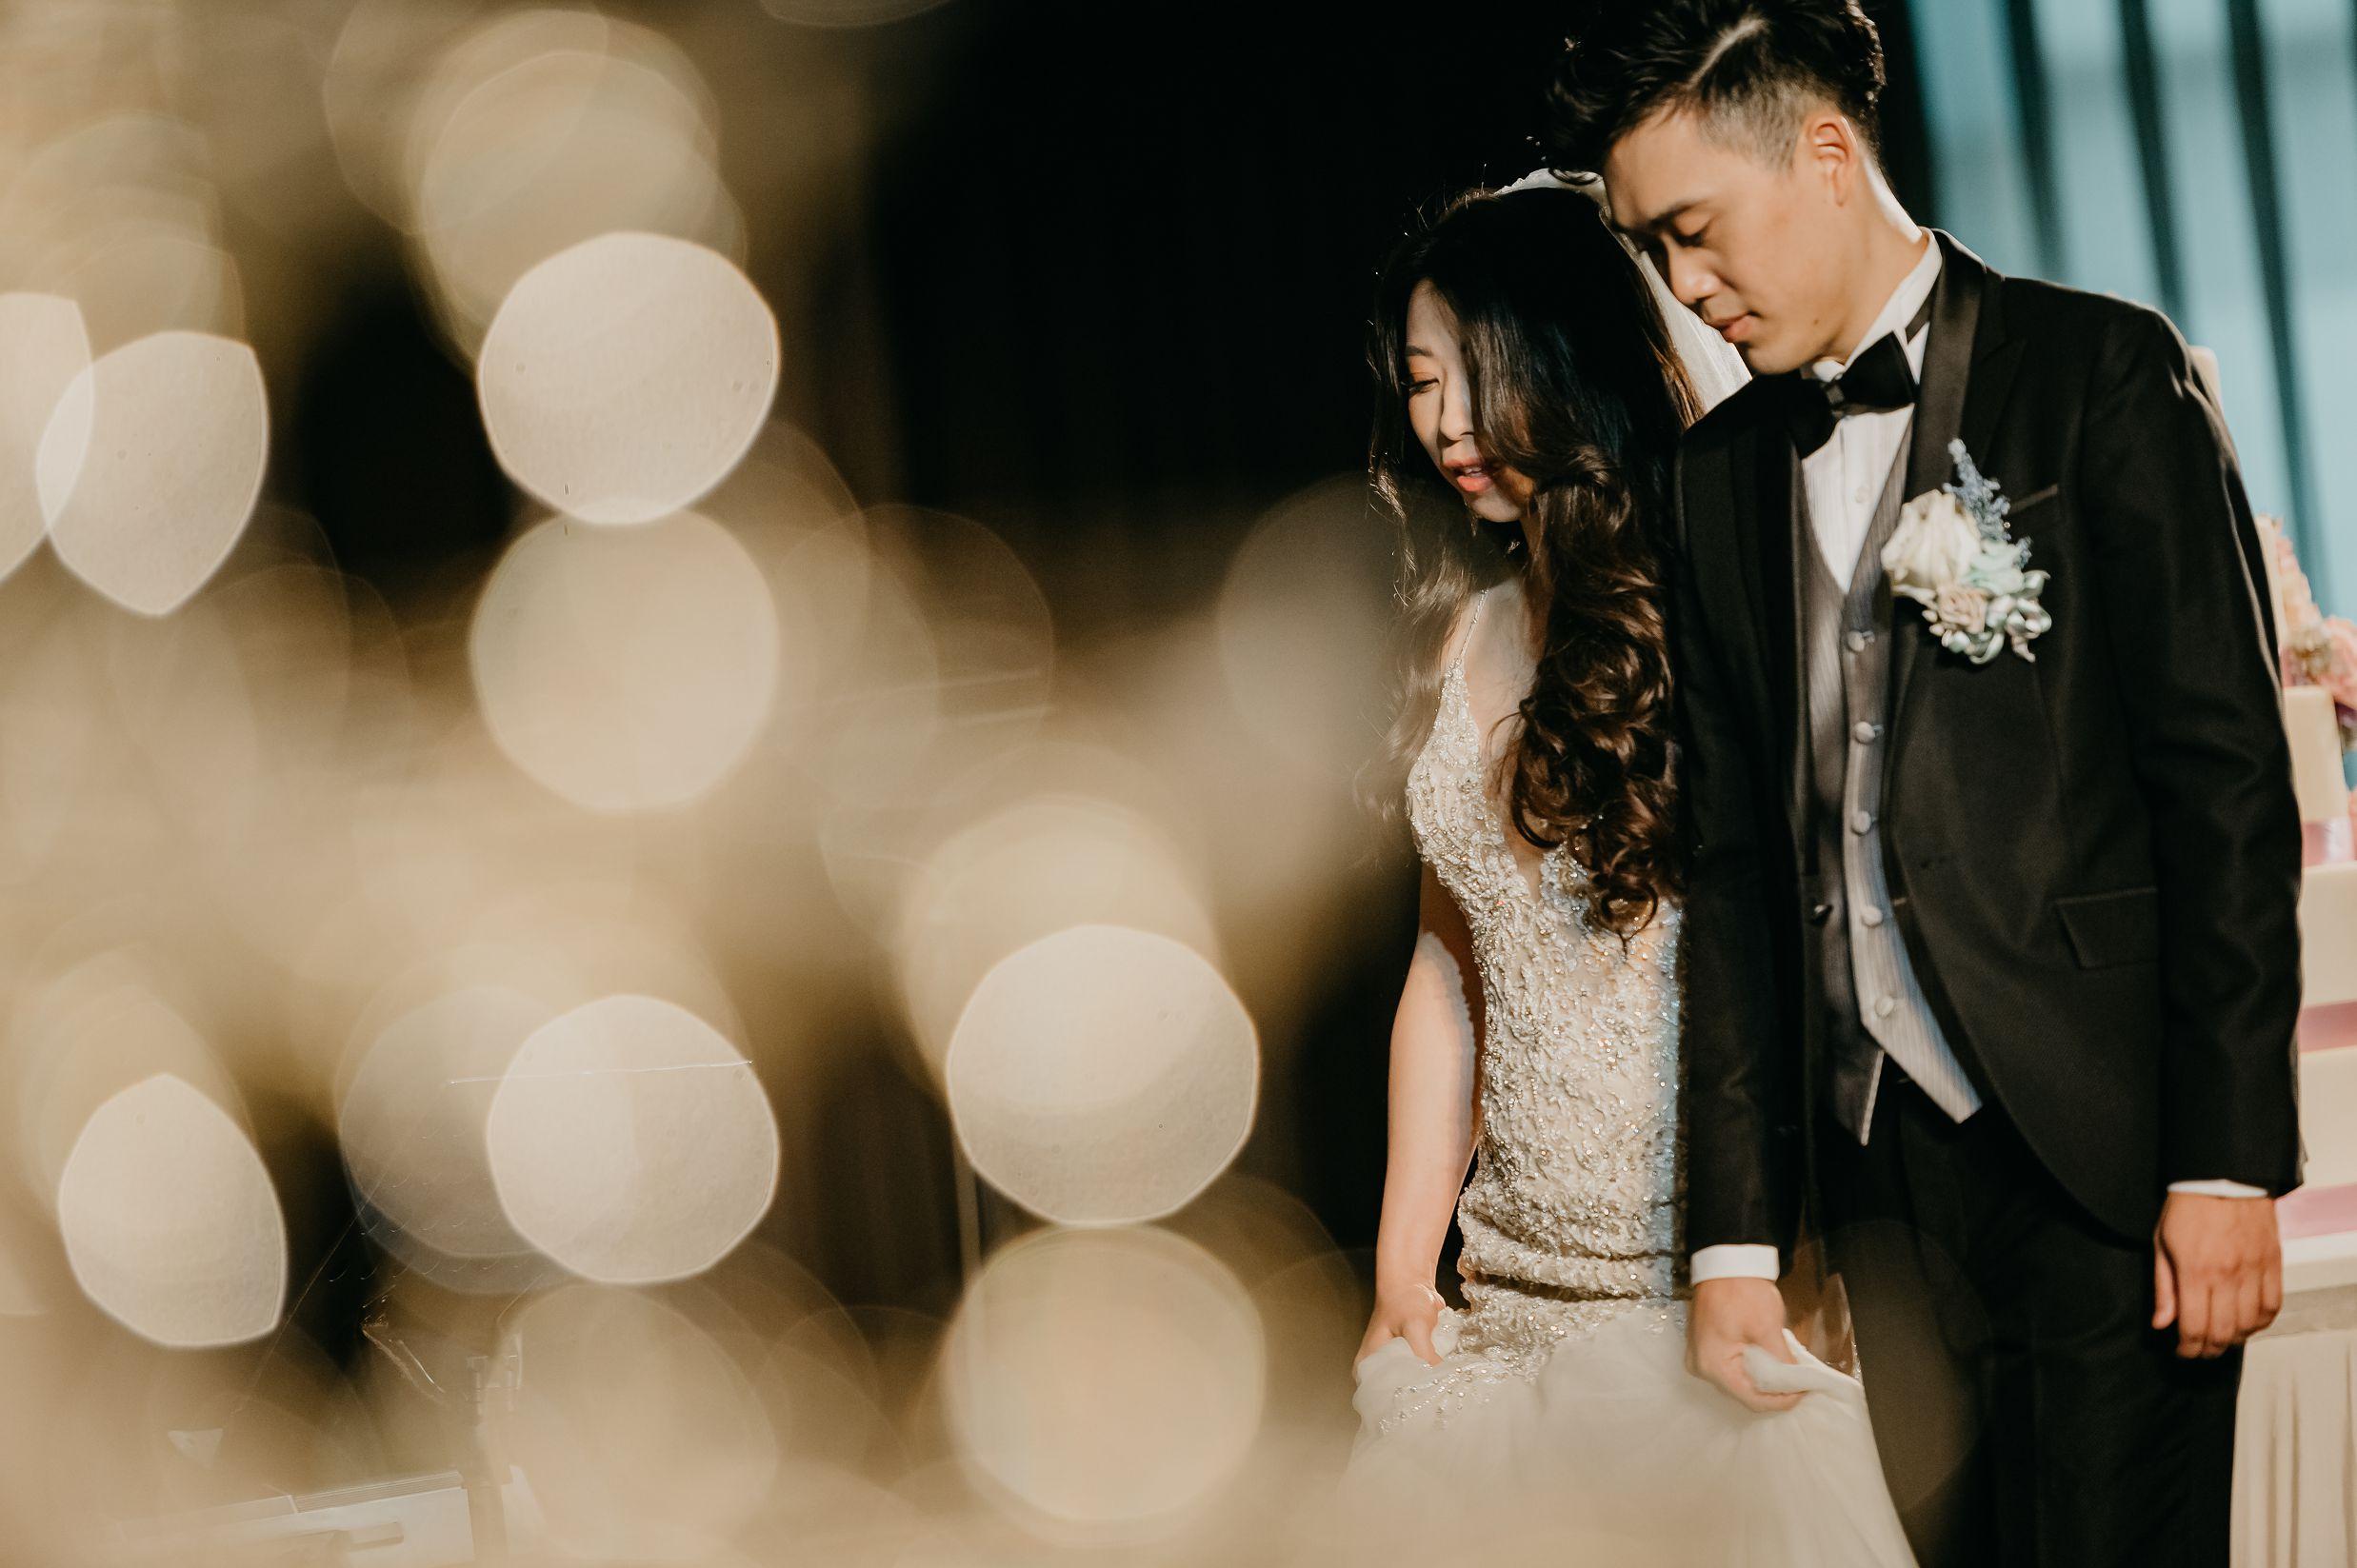 婚禮紀錄,婚攝,婚禮攝影,婚錄,白日夢工廠,動態錄影,婚禮現場,儀式,雙機攝影,類婚紗,寒舍艾麗,風雲20,PTT推薦,新娘物語推薦,新秘,戒指,婚戒,婚禮佈置,LYNN,ilynnflower,闖關遊戲,丟捧花,新秘推薦